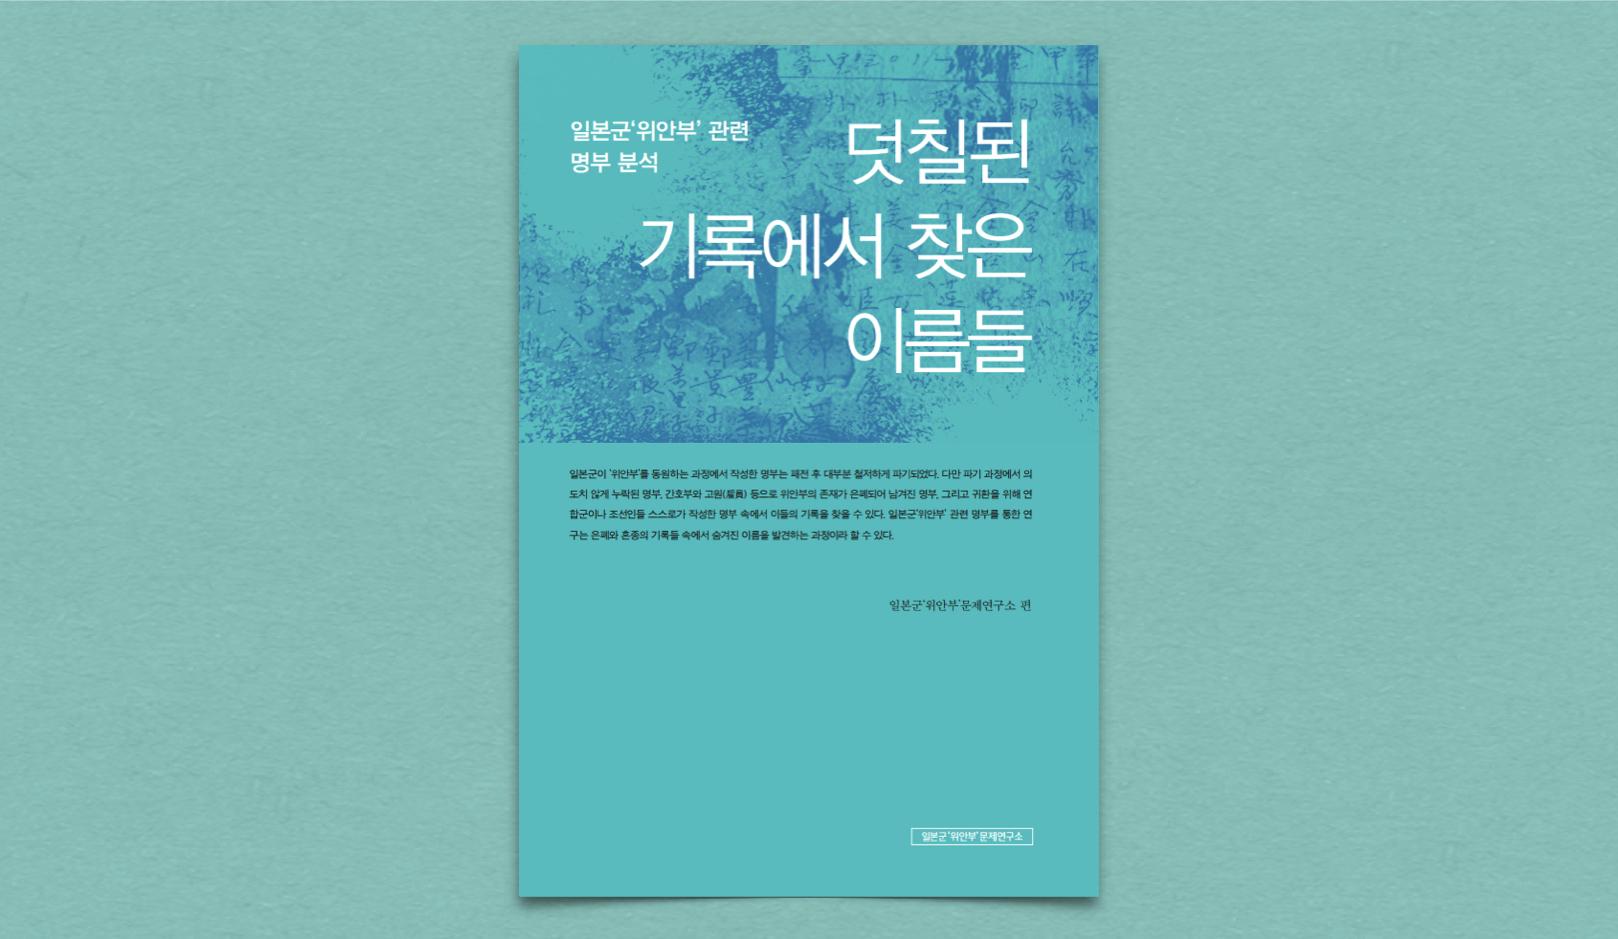 그림1. 『덧칠된 기록에서 찾은 이름들』, 일본군'위안부'문제연구소, 2019.